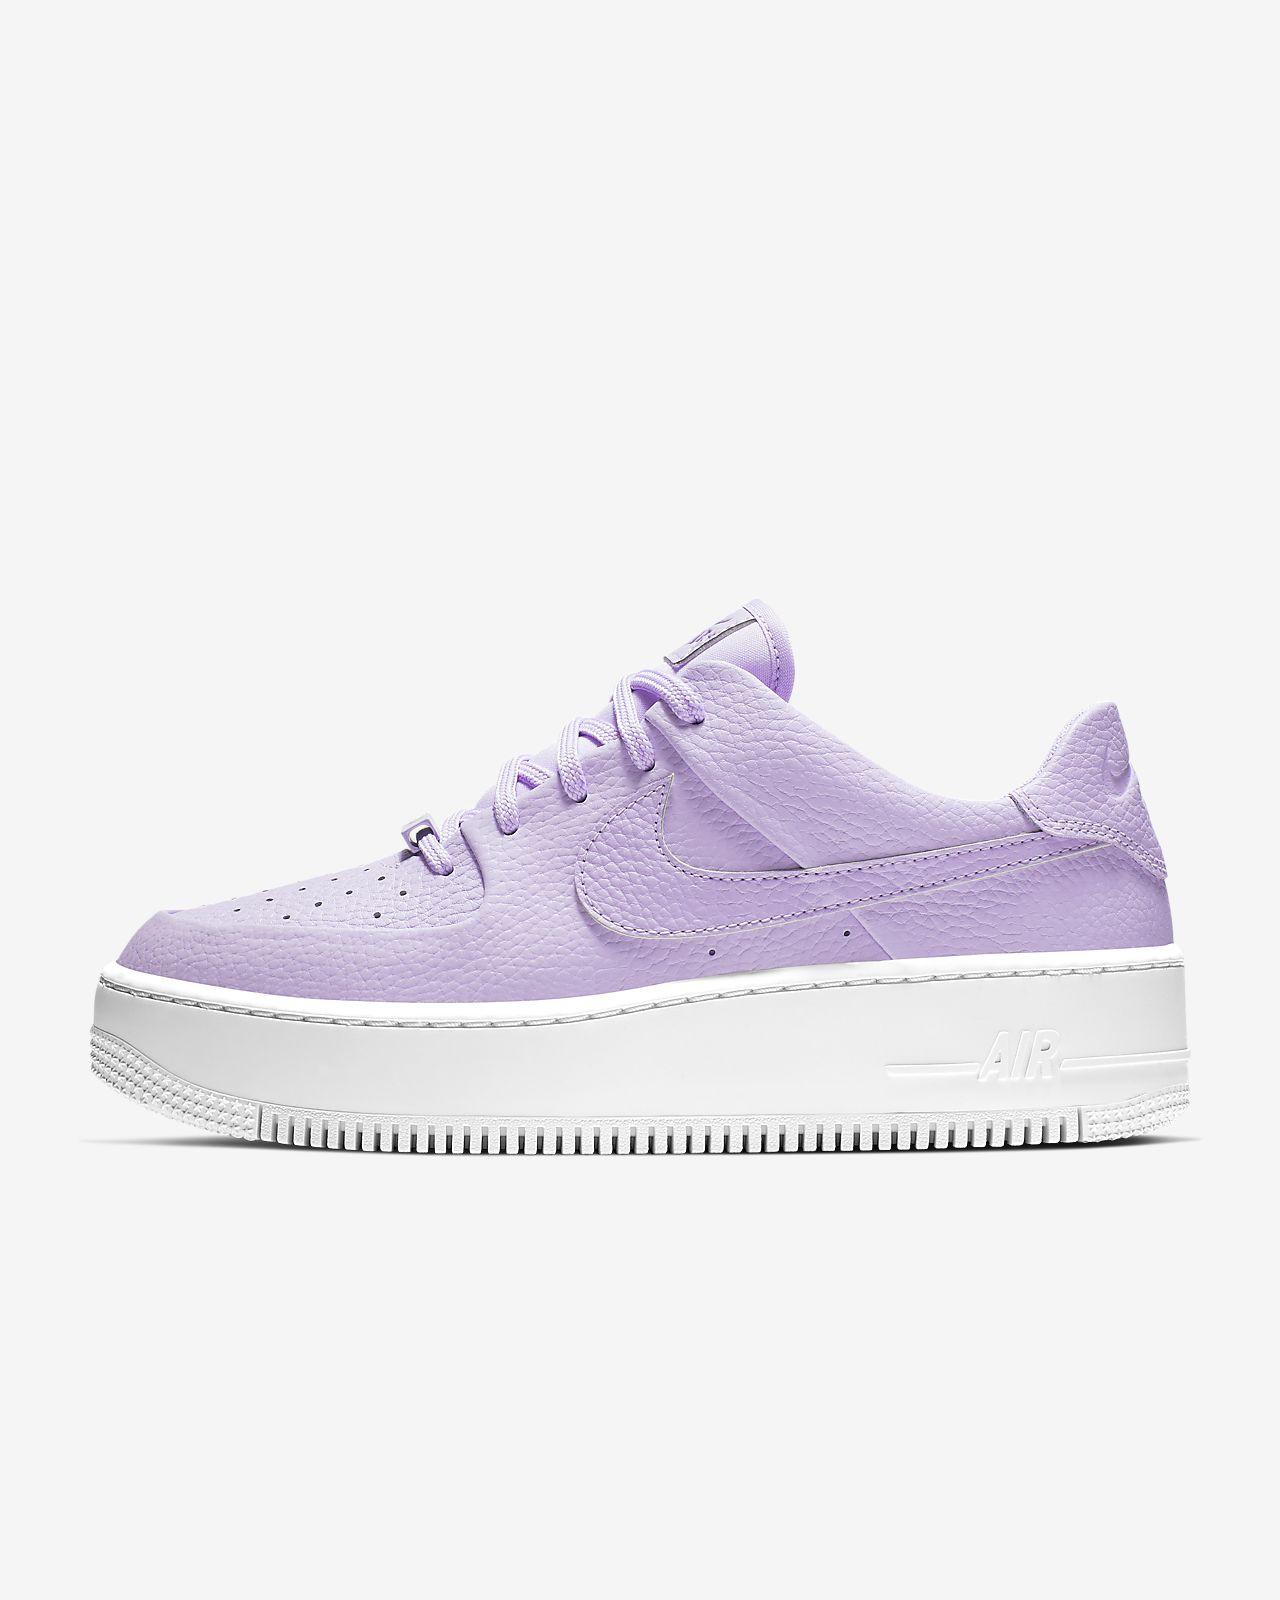 e0a648ec5faa1 Nike Air Force 1 Sage Low Kadın Ayakkabısı. Nike.com TR